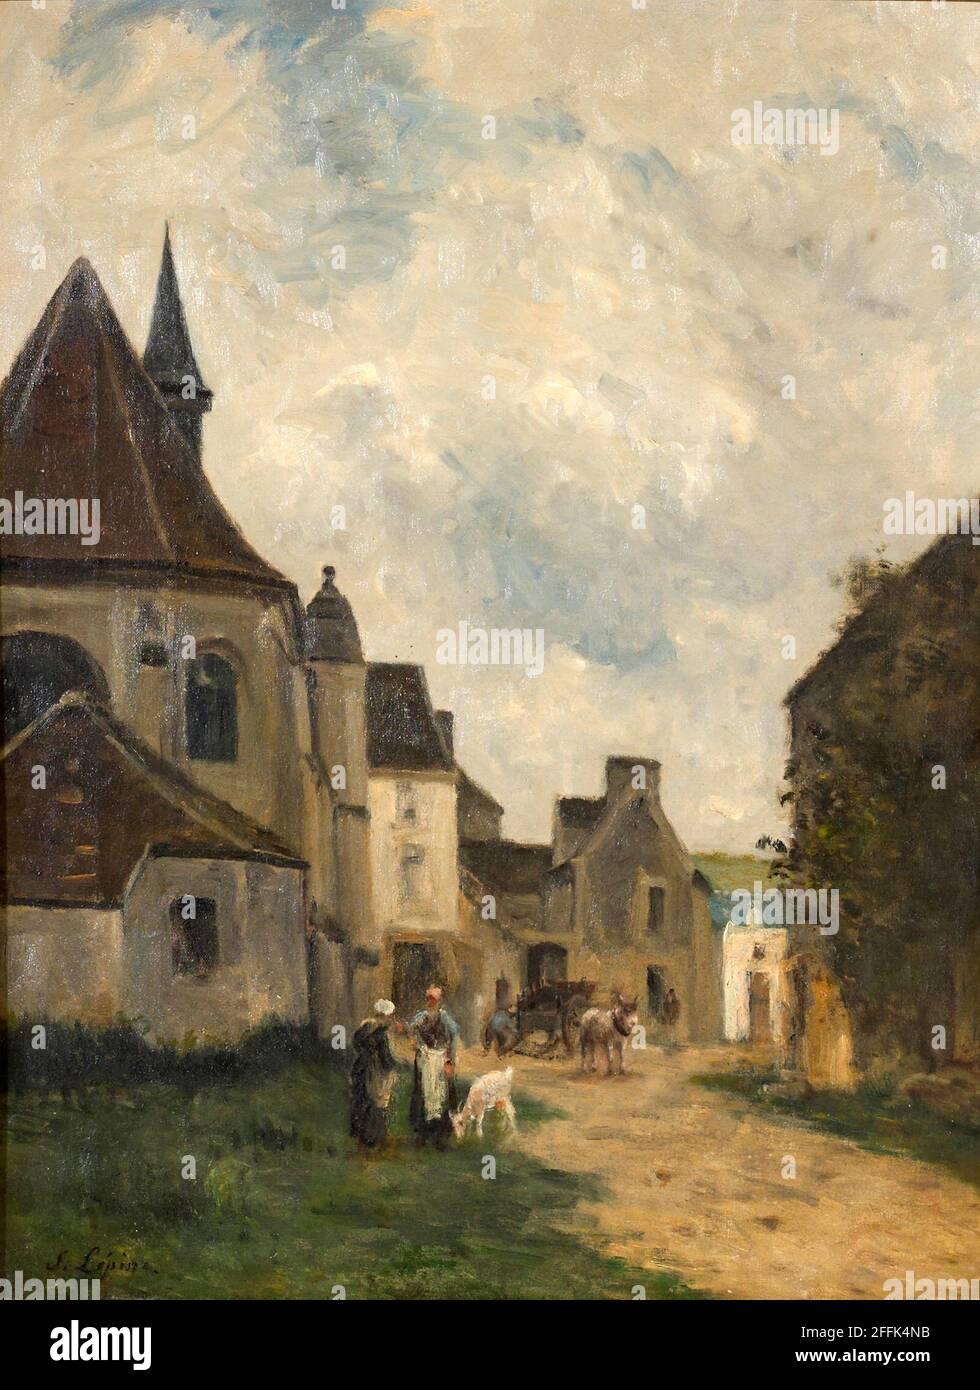 _508Stanislas Lpine (French, 1835-1892) Rue du village en Pays de Caux Stock Photo